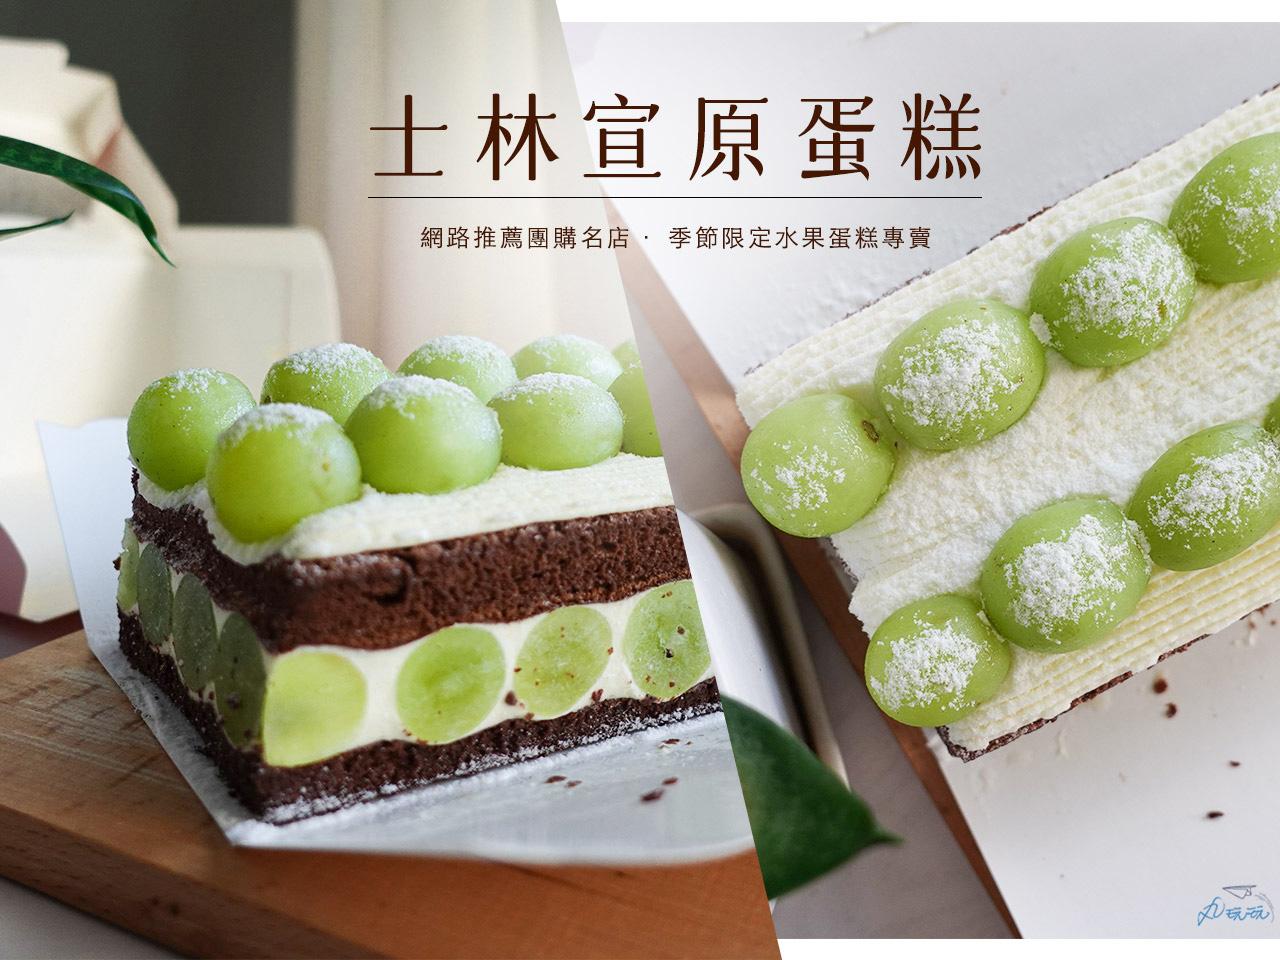 You are currently viewing 宣原蛋糕|團購名店季節限定水果蛋糕,喜歡葡萄勝過草莓